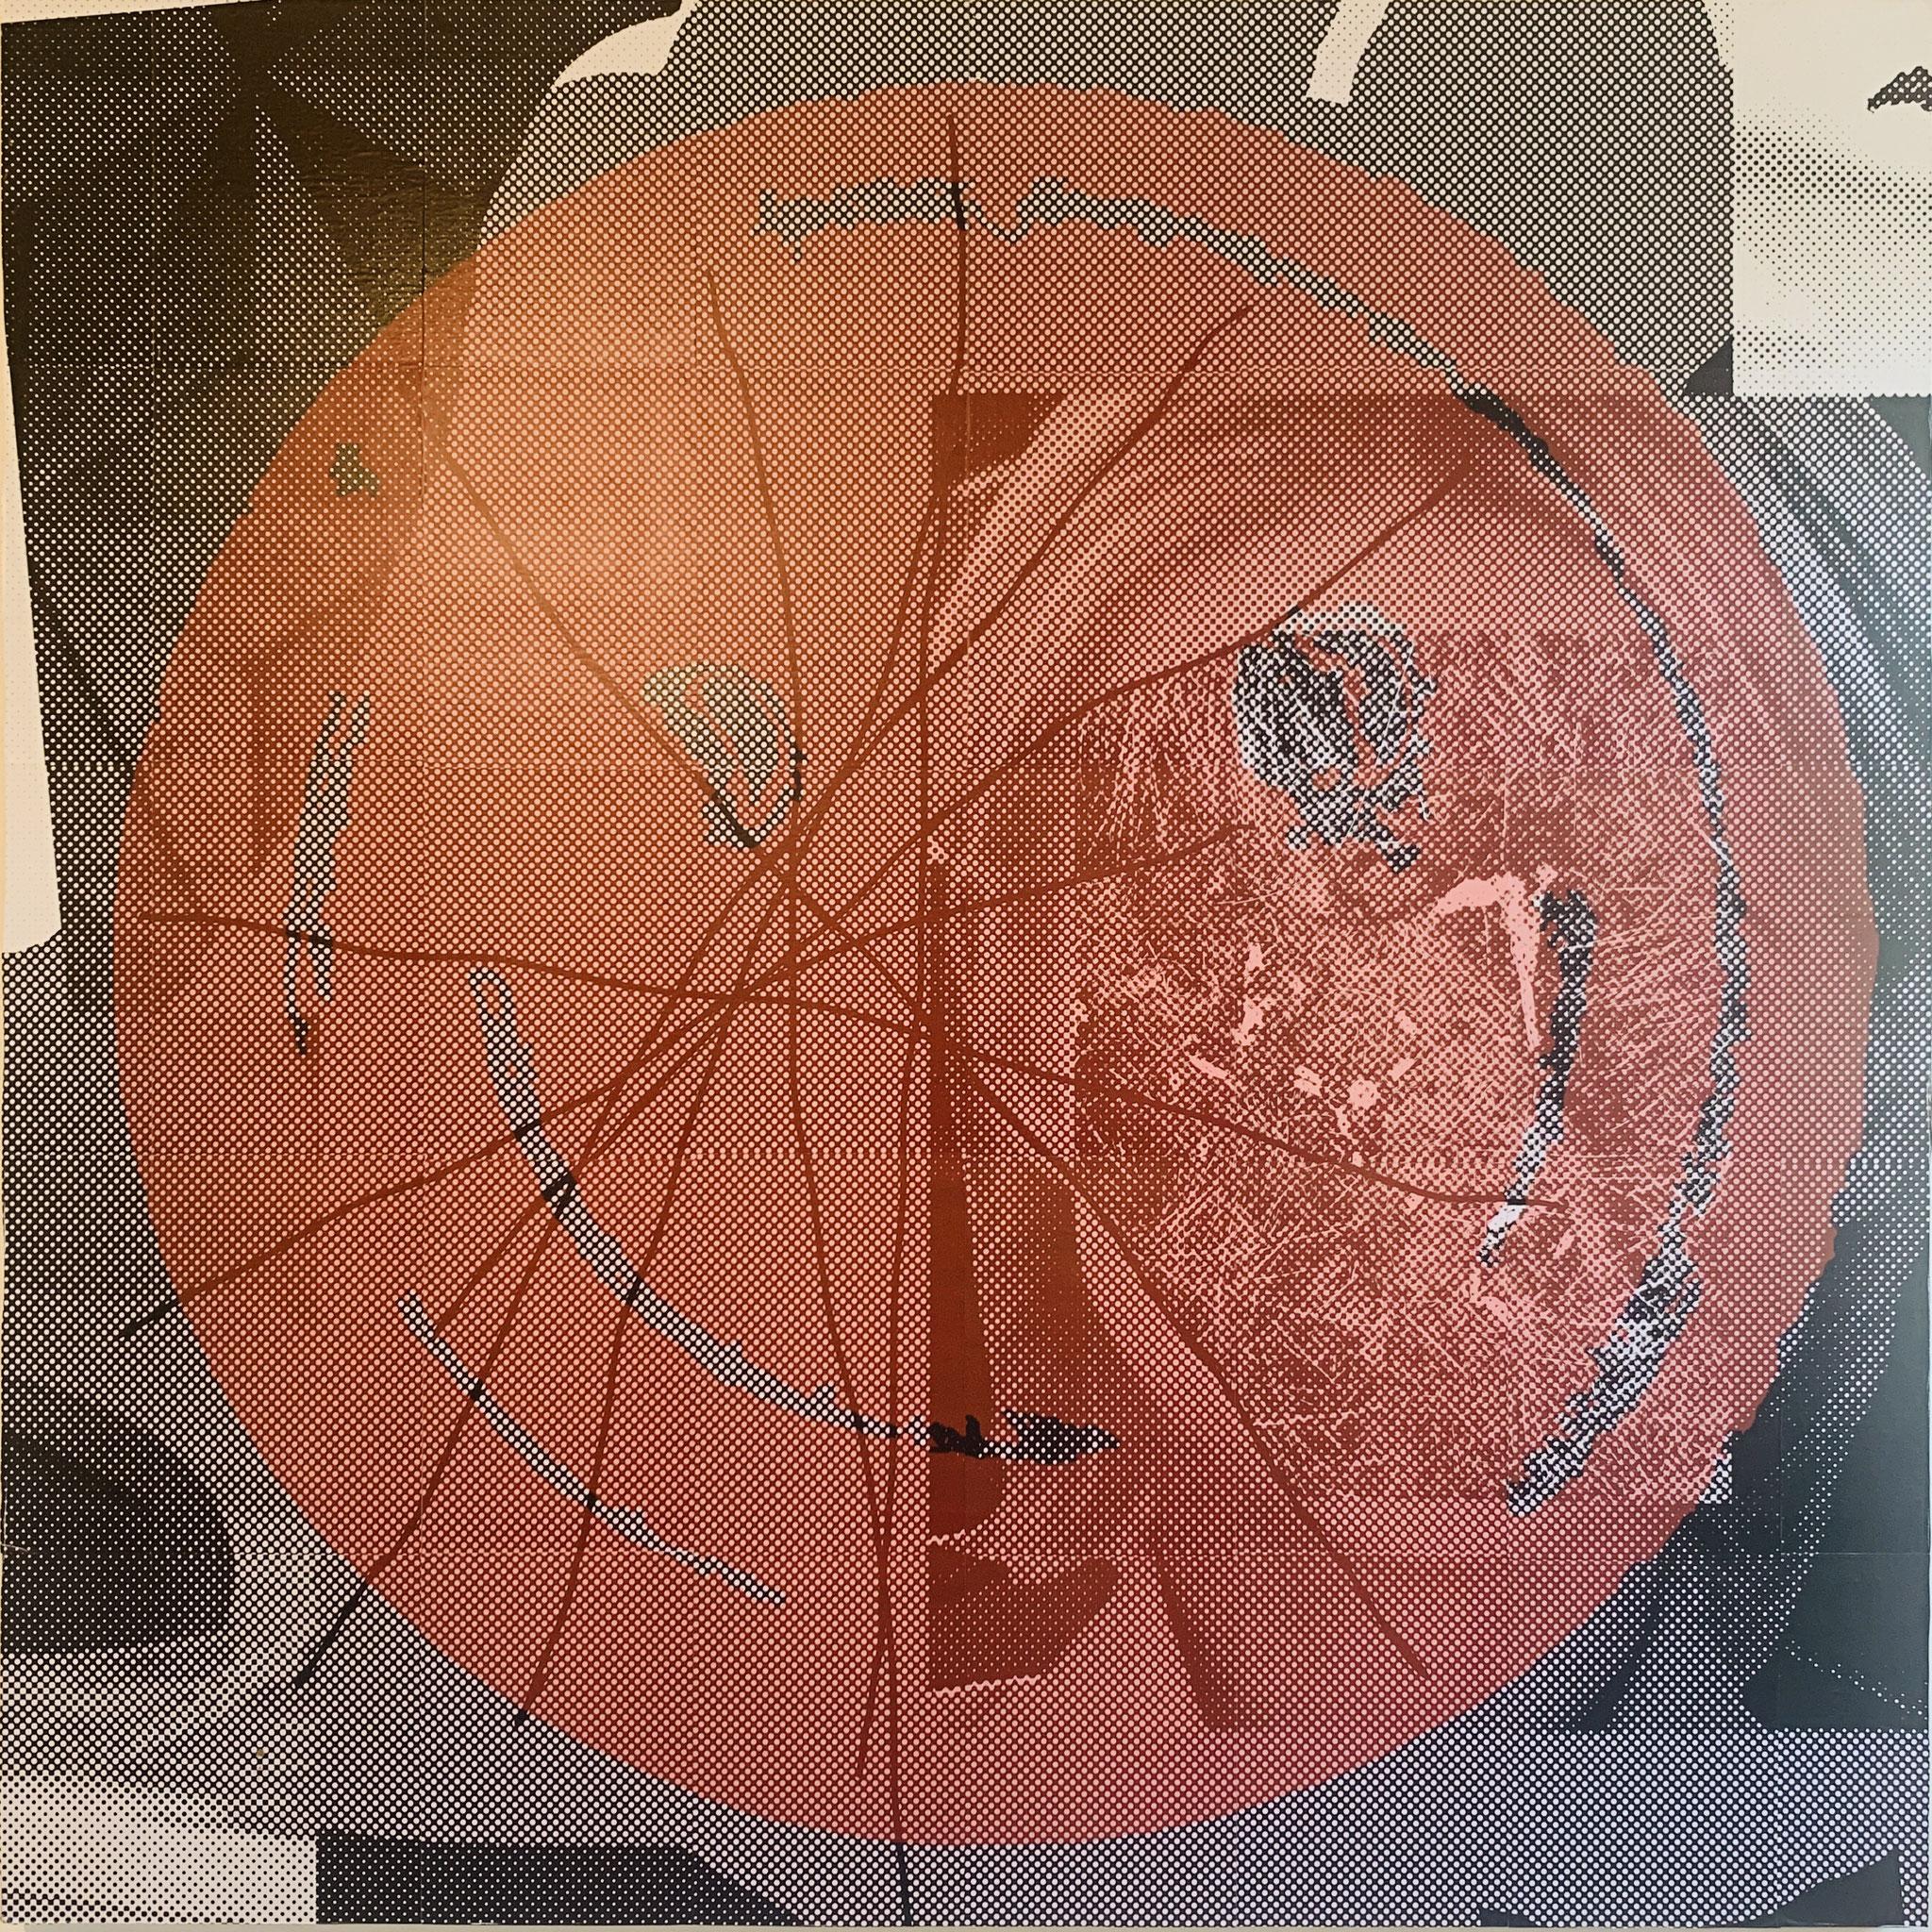 61. Simon Kneipp, ohne Titel, Laserdruck auf Spanplatte, 2020